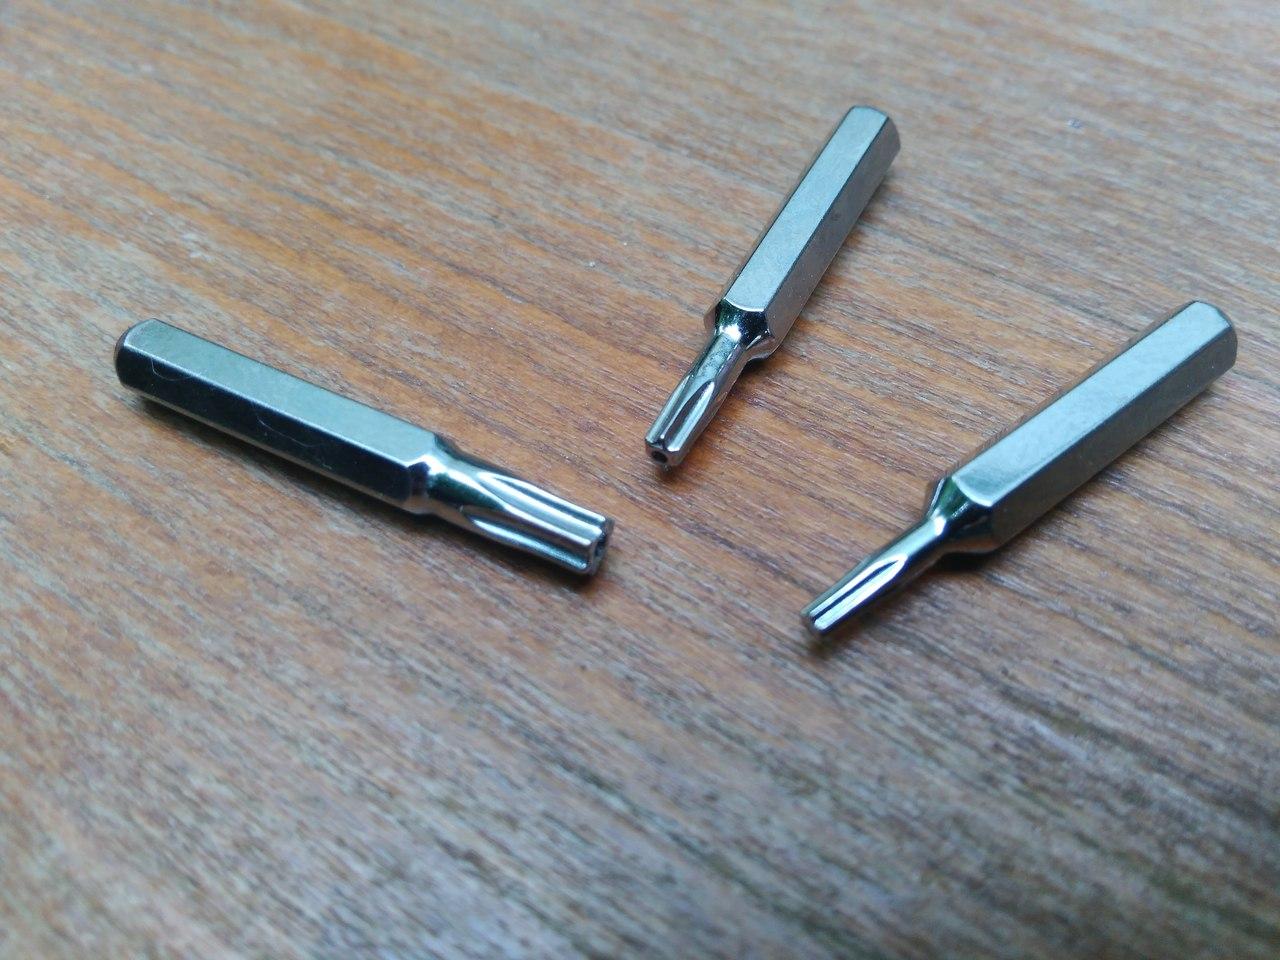 DD4: Сравнительный обзор двух наборов отверток с битами - 79/1 и 45/1